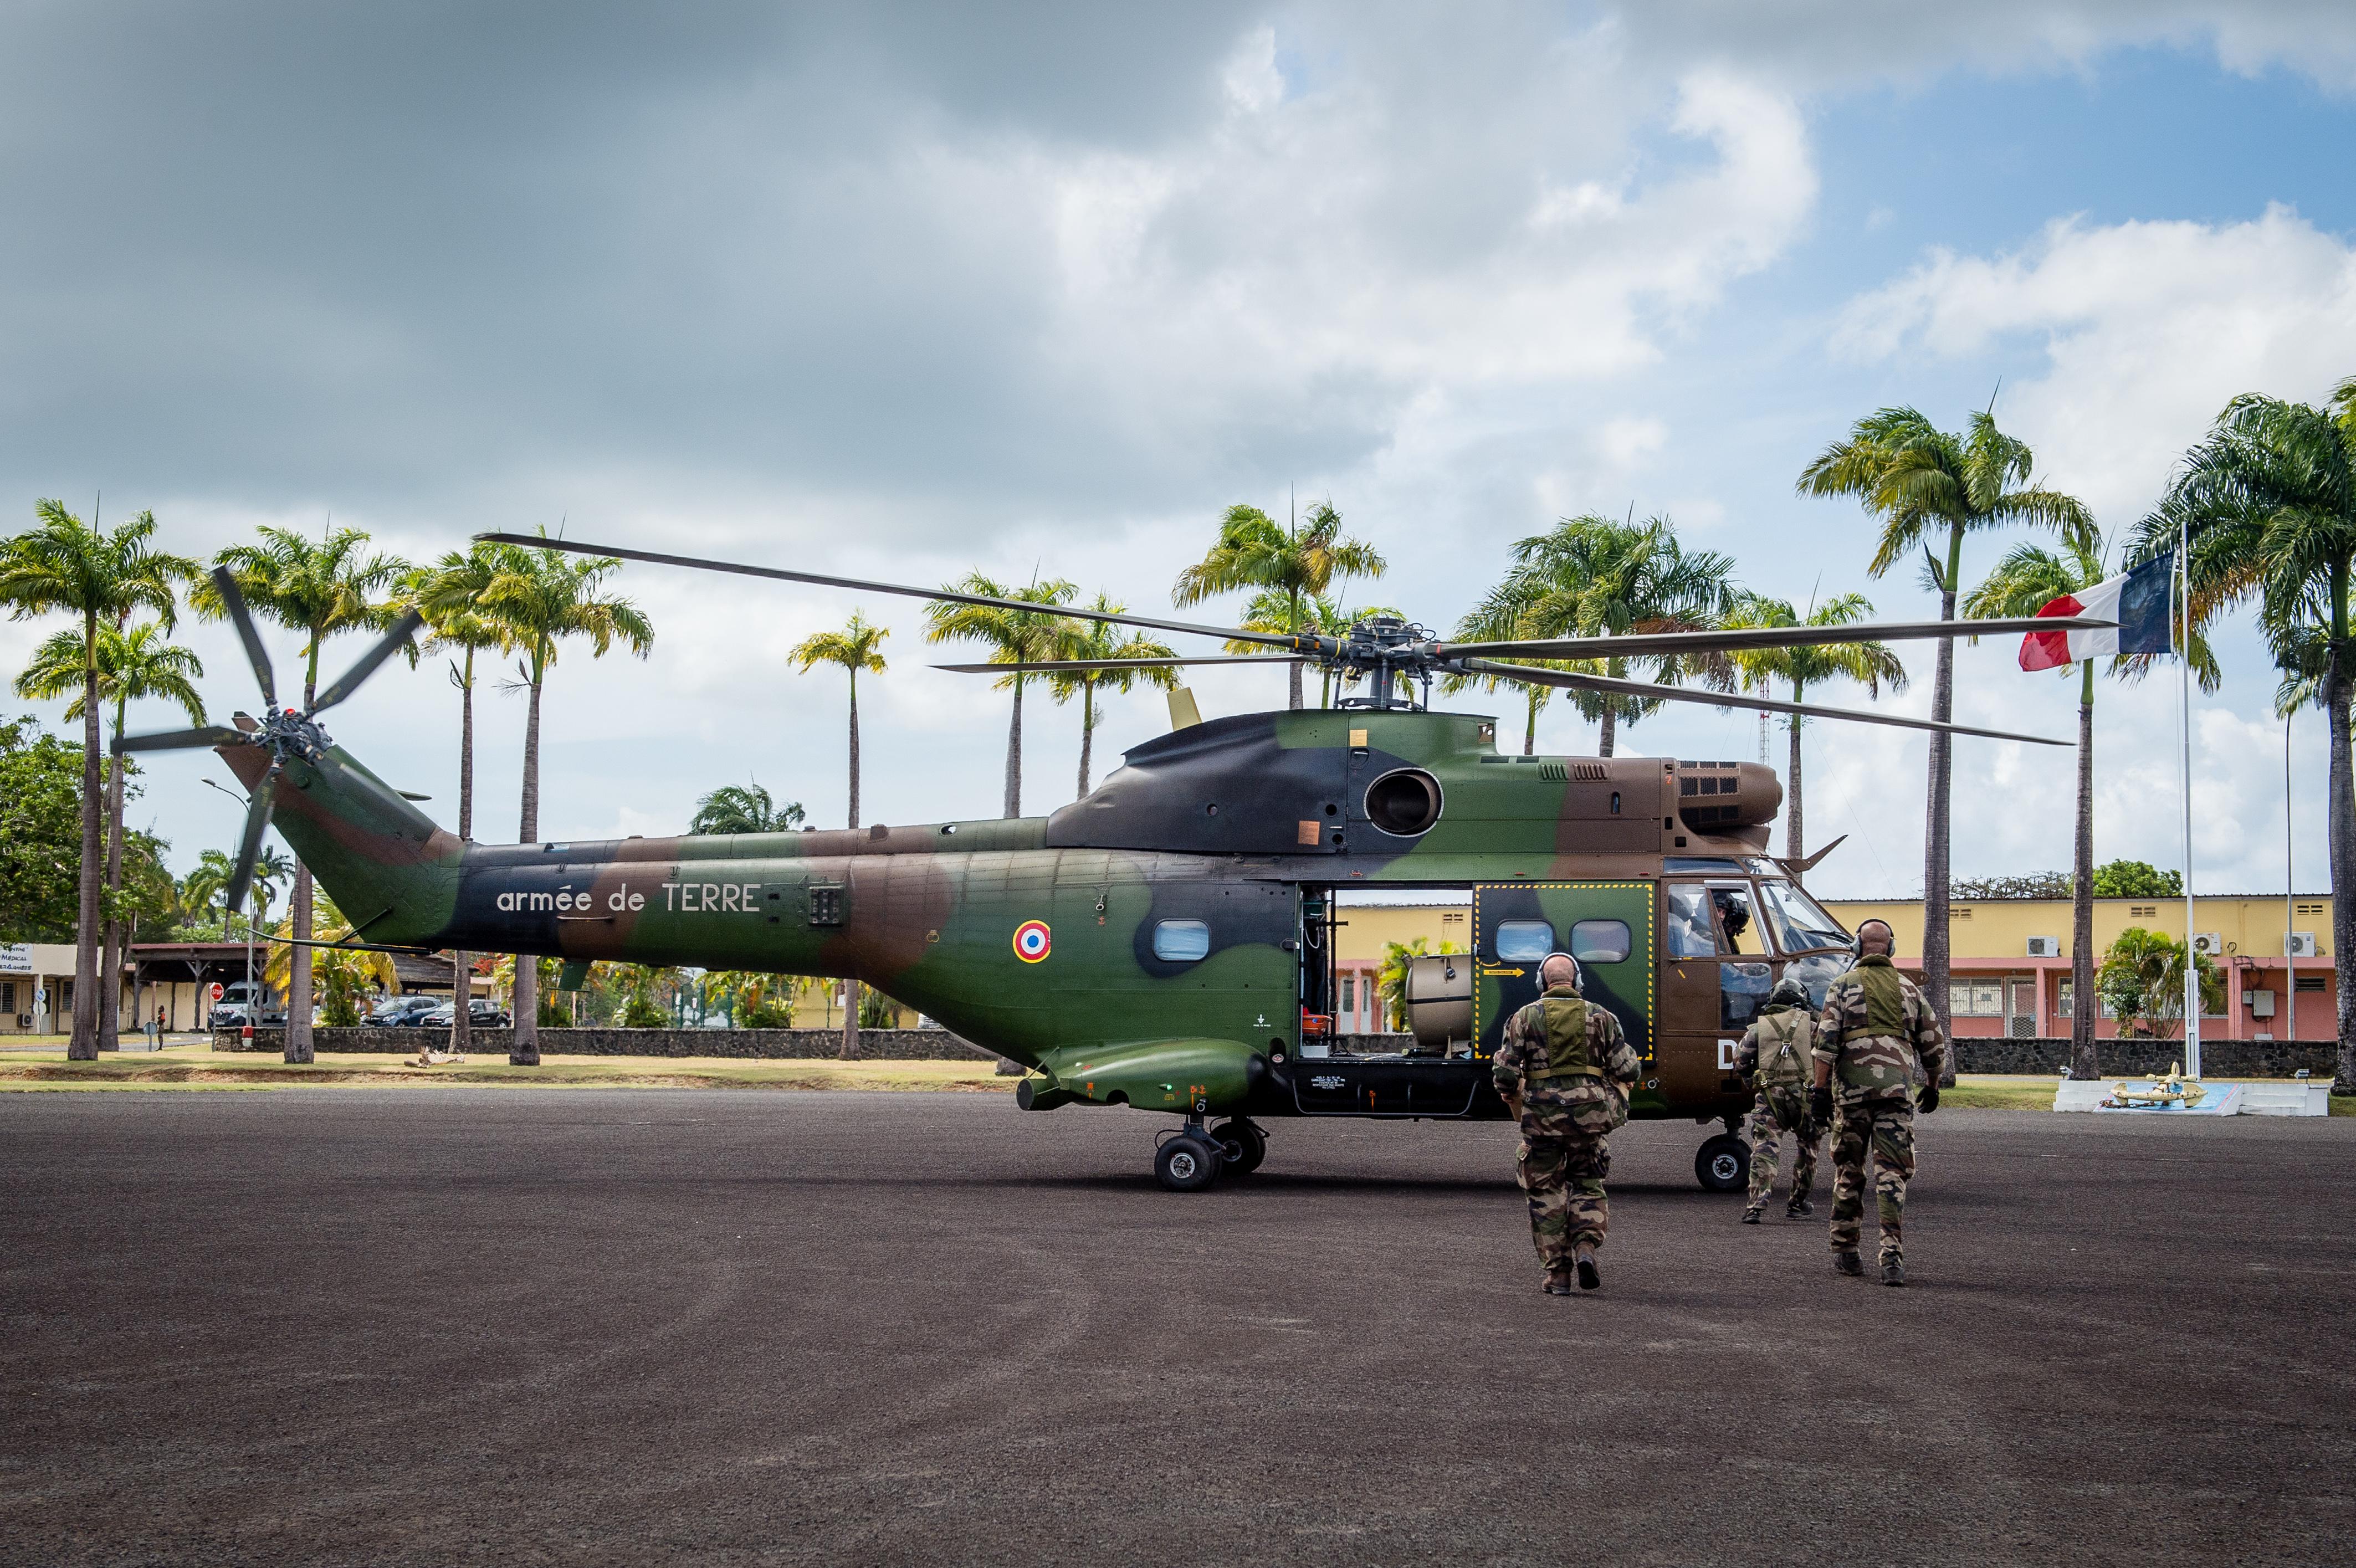 Un hélicoptère PUMA a procèdé à une évacuation médicale de 5 patients